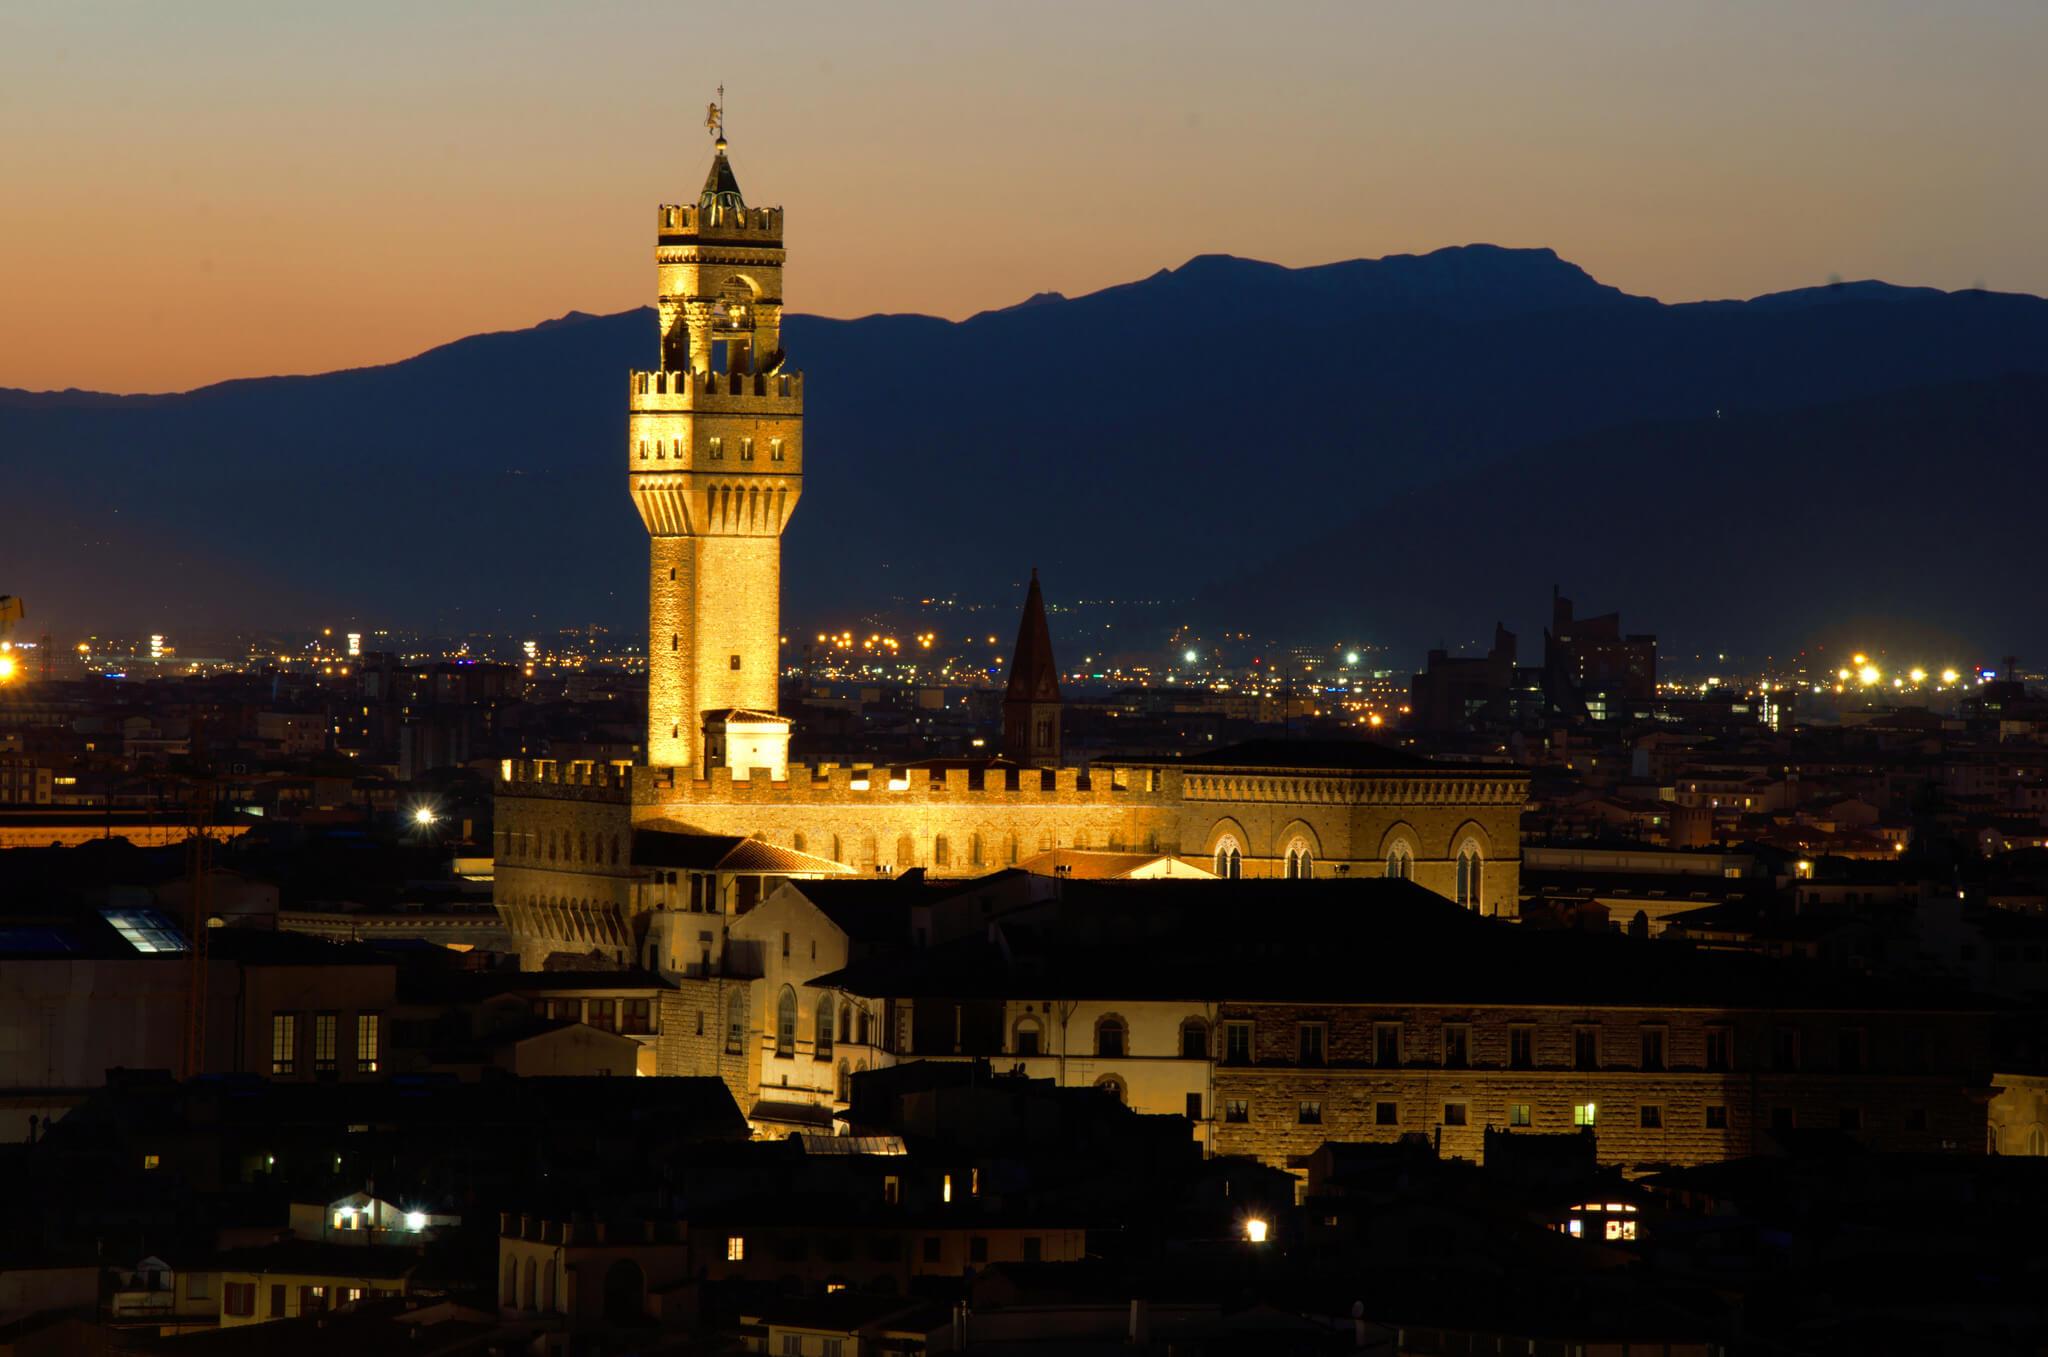 Visiter le Palazzo Vecchio à Florence